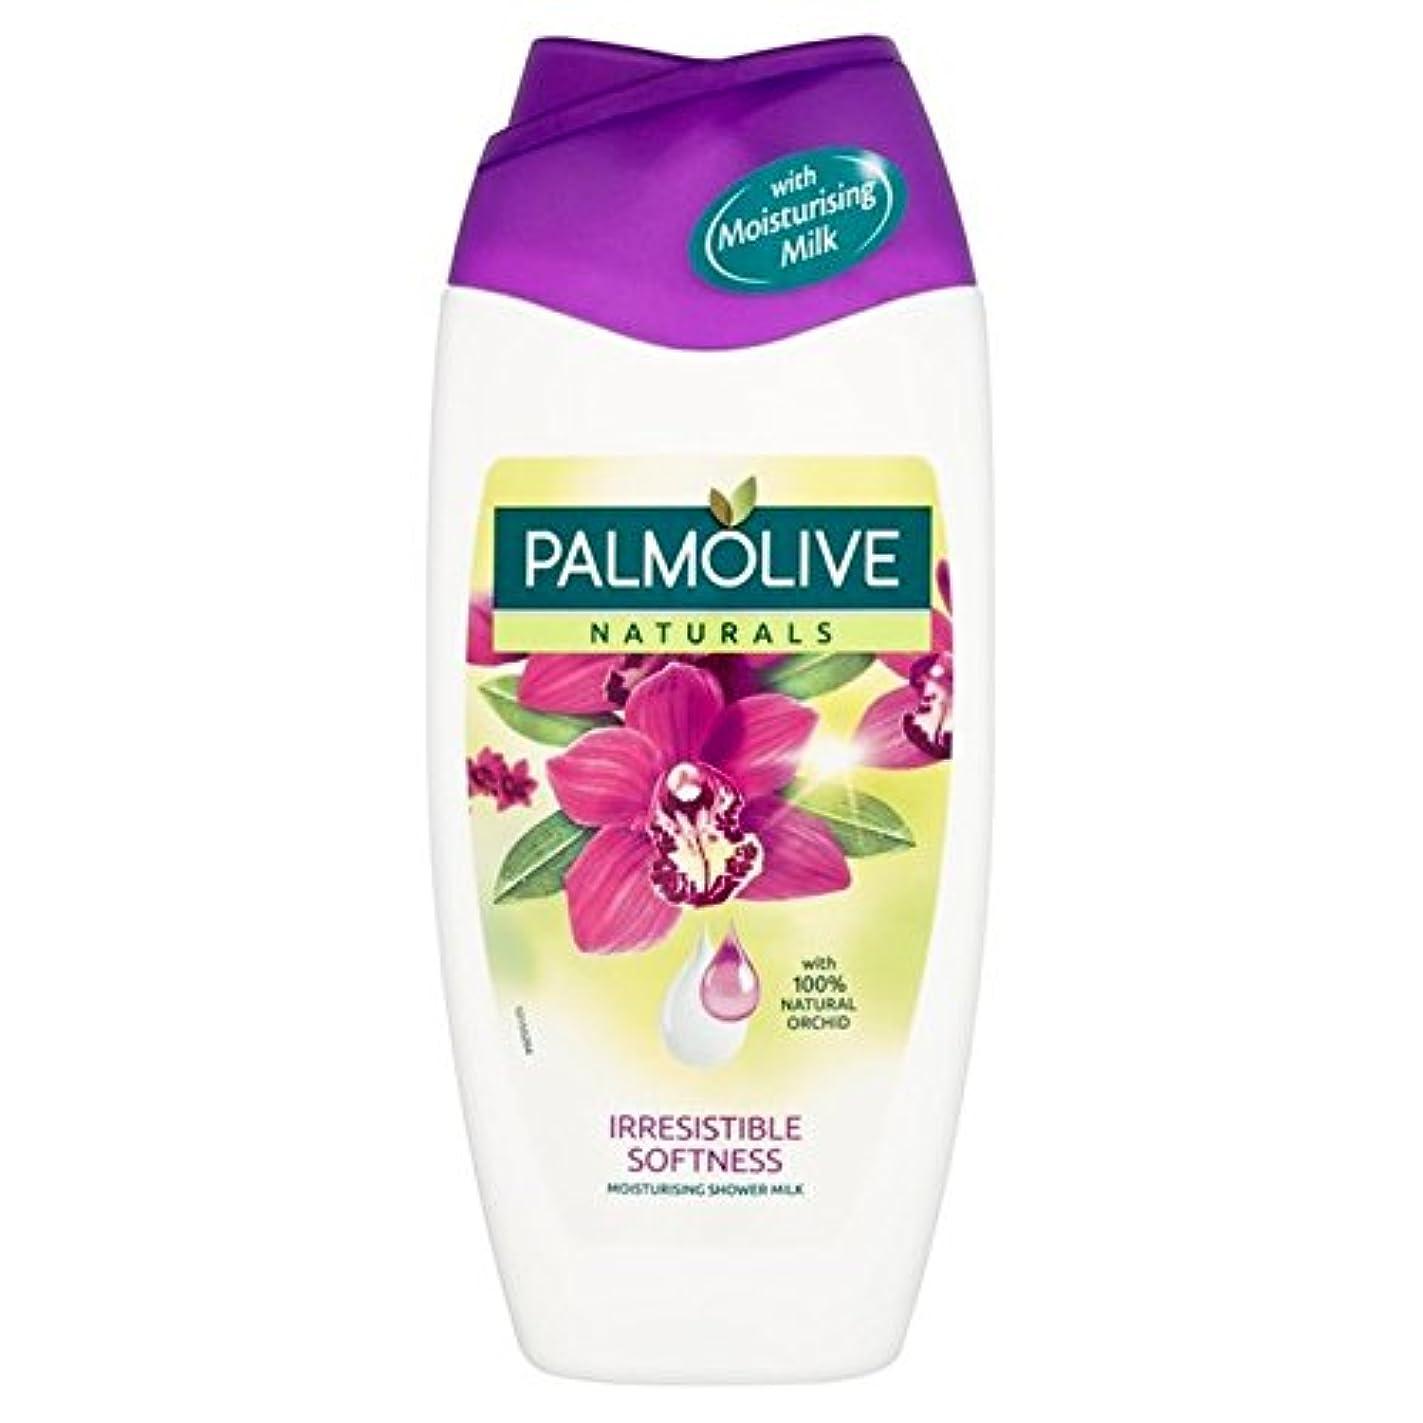 発火する施し騒々しいPalmolive Naturals Shower Black Orchid 250ml (Pack of 6) - パルモナチュラルシャワー黒蘭の250ミリリットル x6 [並行輸入品]